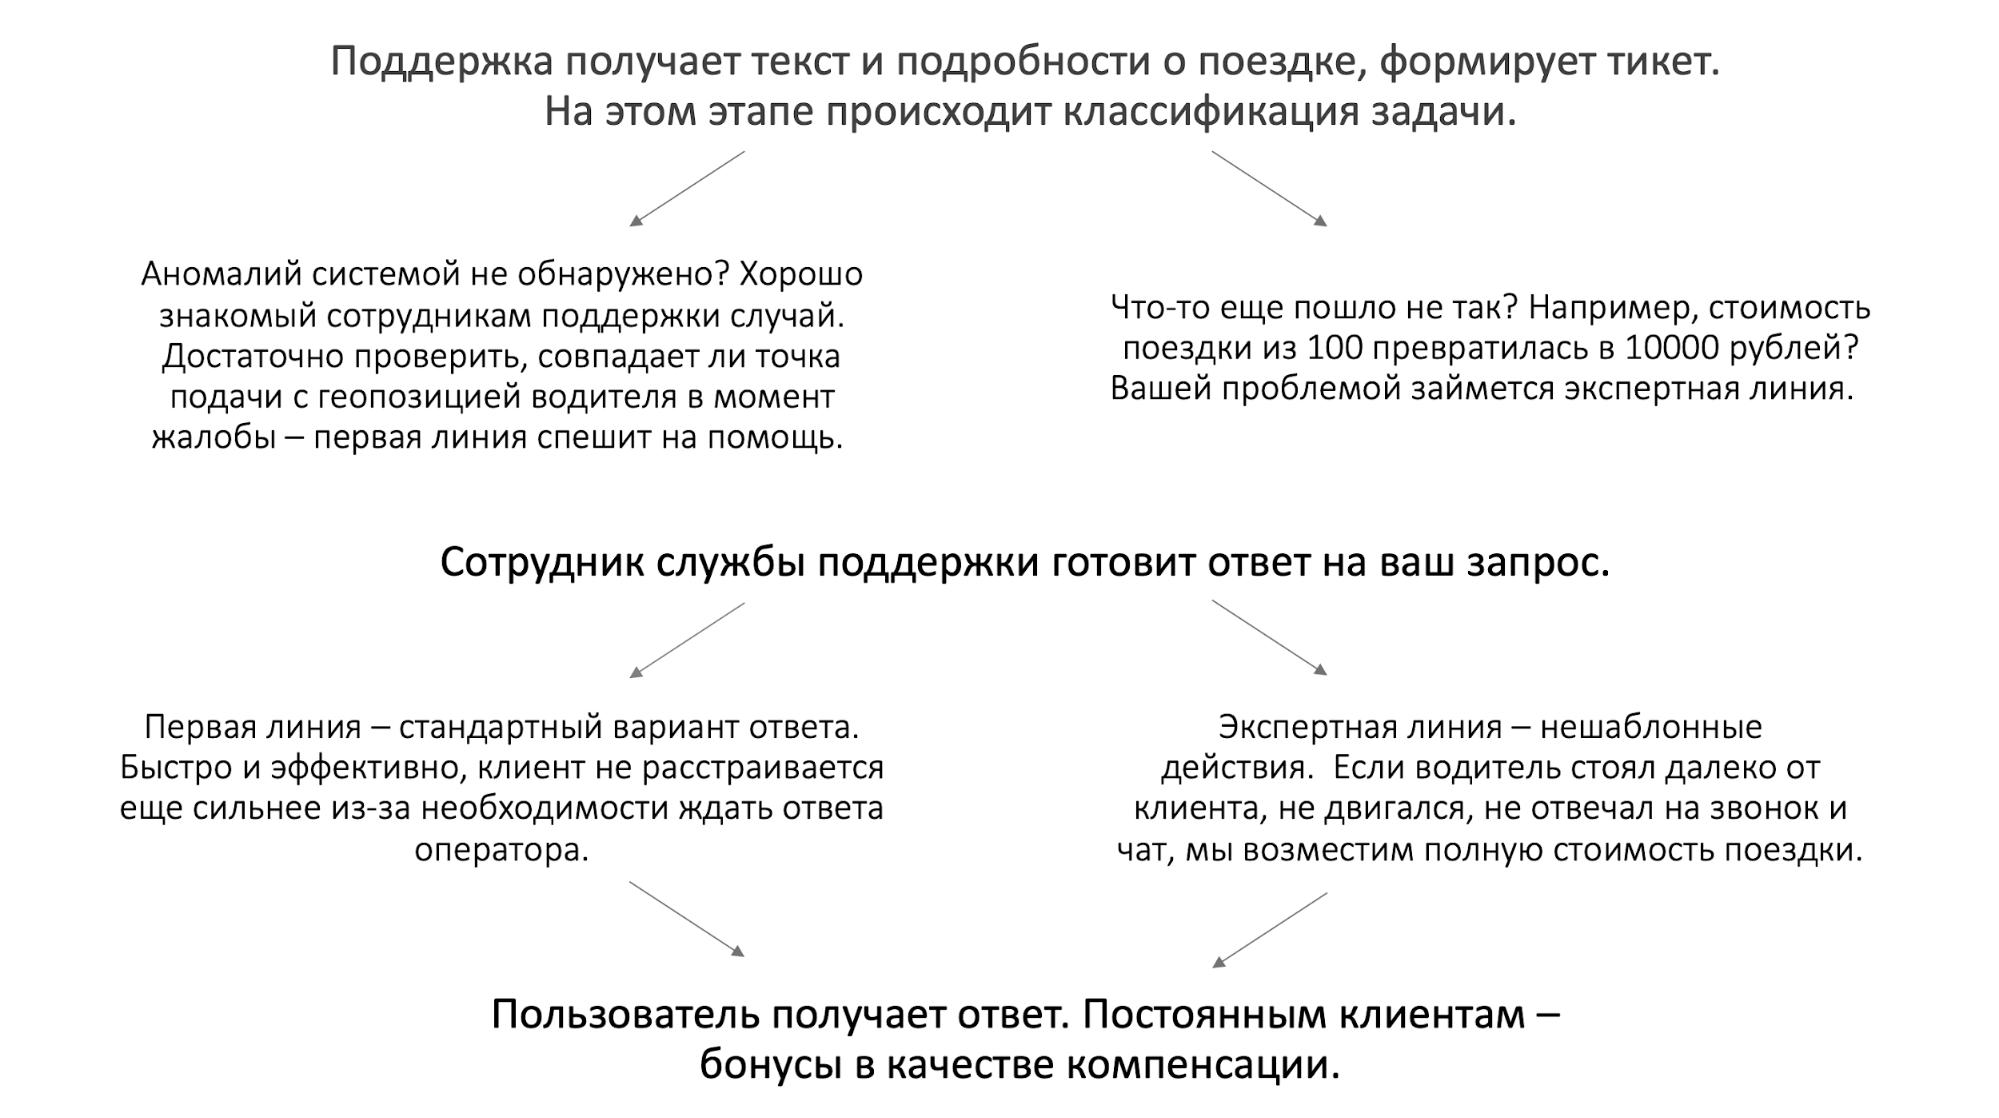 Как мы учили искусственный интеллект отвечать на вопросы в поддержку. Опыт Яндекс.Такси - 2